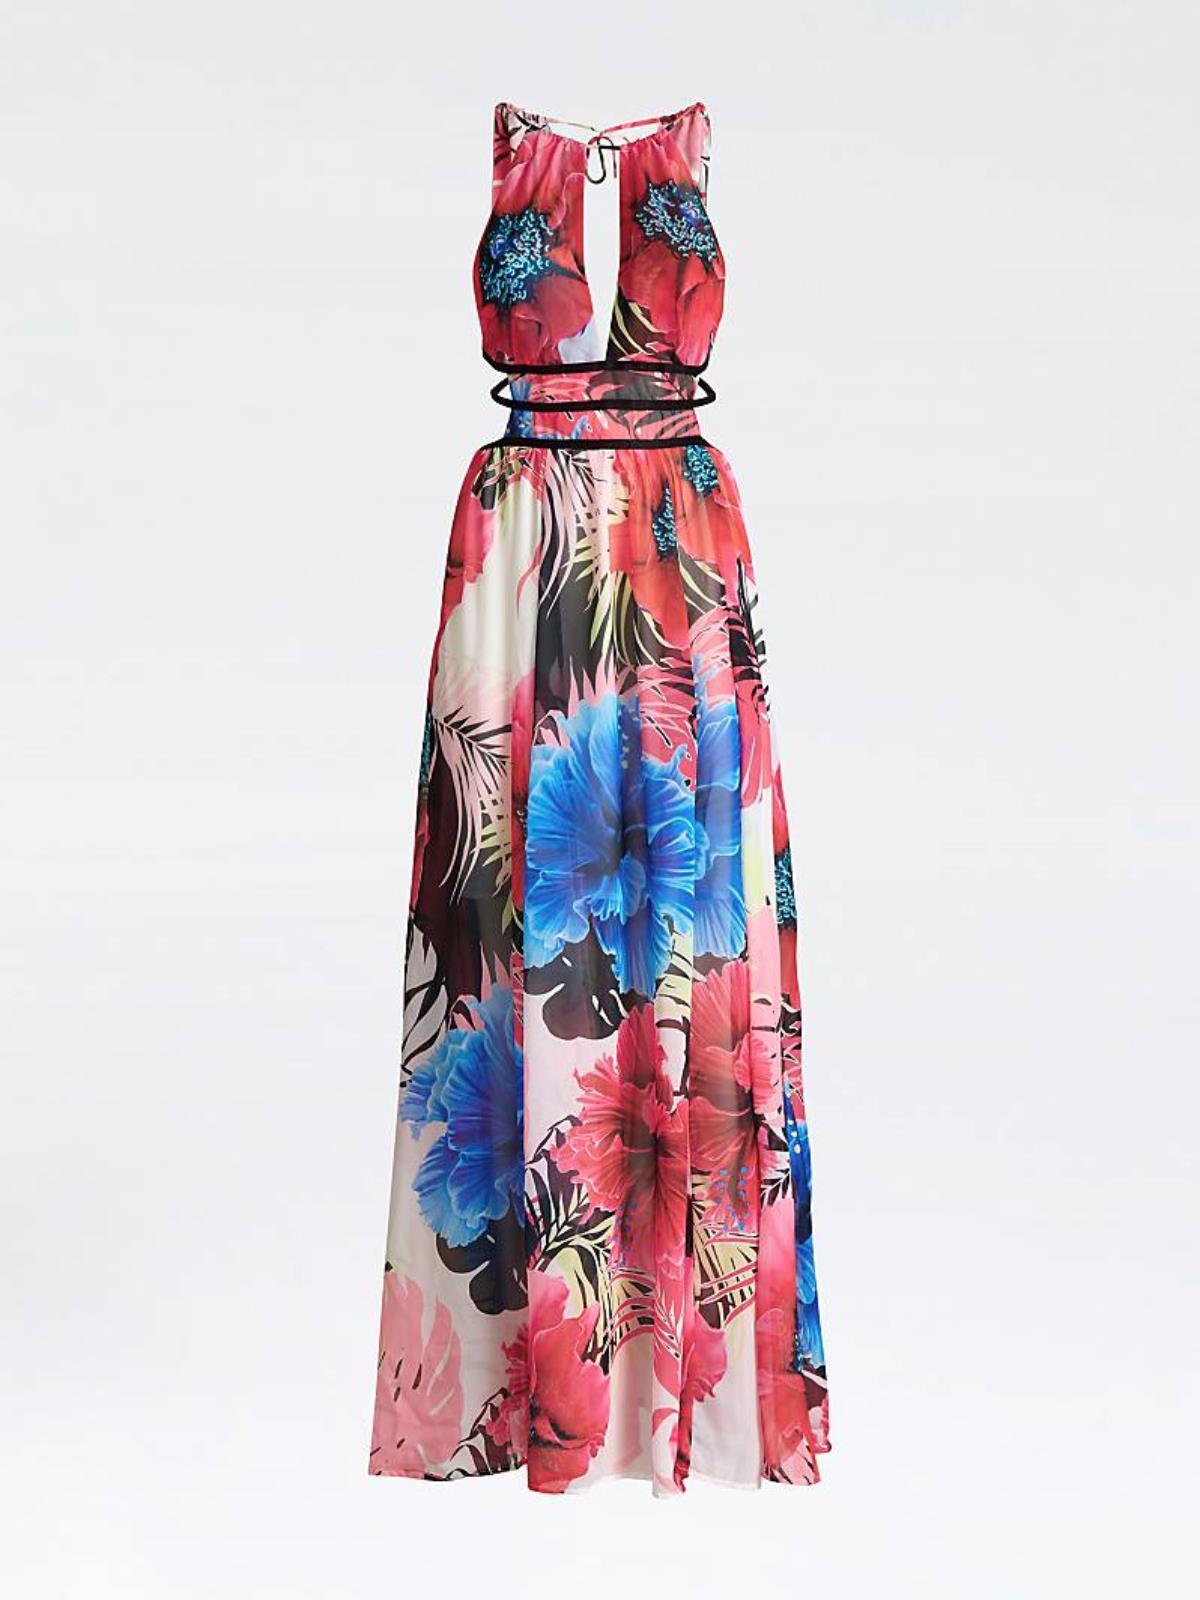 designer fashion 7407b 2a534 GUESS ABITO LUNGO